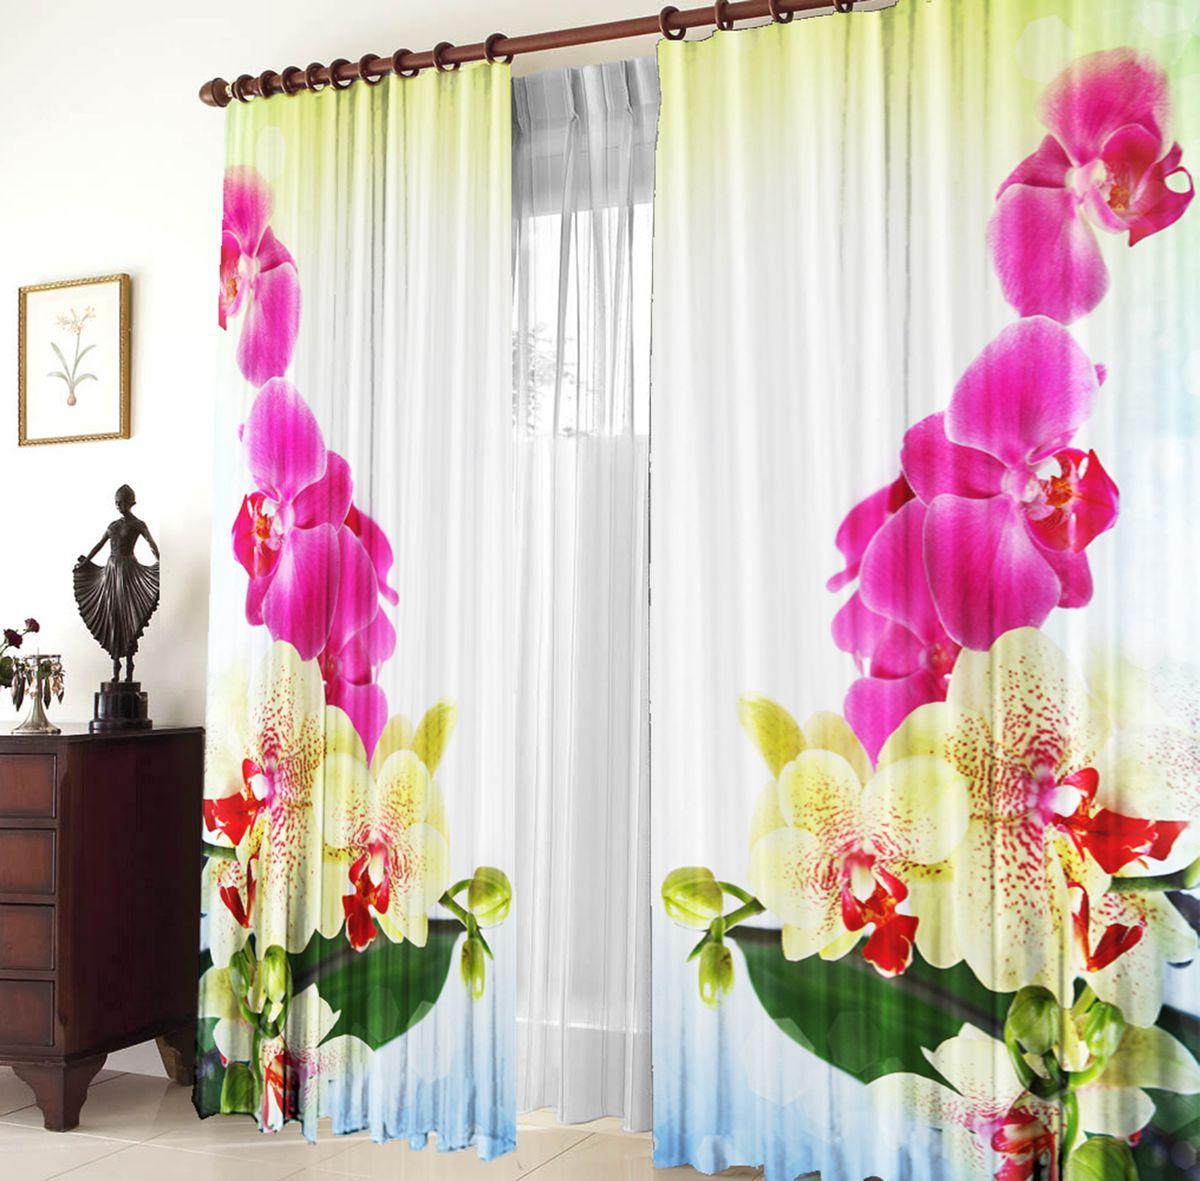 Комплект фотоштор Zlata Korunka Тигровая орхидея, на ленте, высота 270 см21033Для производства используется габардиновая ткань высочайшего качества. Фотошторы способны не пропускать самый яркий свет, их можно гладить и стирать. Уход: Бережная стирка при 30 градусах, деликатный отжим, отбеливание запрещено, гладить при t не более 150С. Светопоглощение 70%. Плотность ткани - 150 г/м2. Размер: шир. 150 х выс.270.х2 . Оттенок изделия может отличаться от представленного на сайте в силу особенностей цветопередачи фототехники и Вашего монитора.